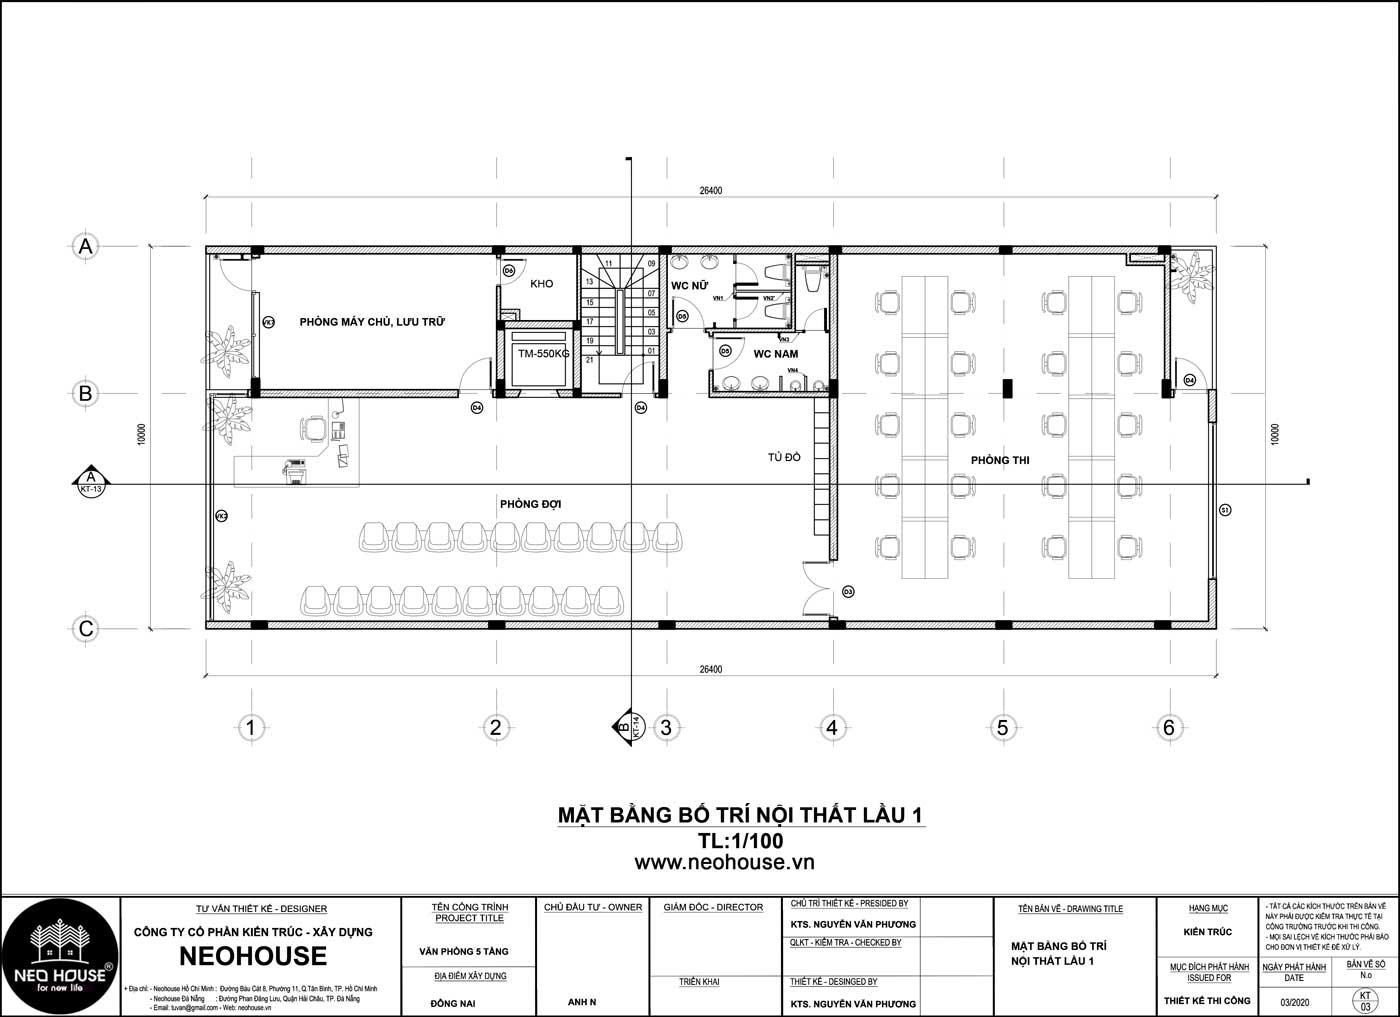 Mặt bằng lầu 1 thiết kế văn phòng làm việc 5 tầng